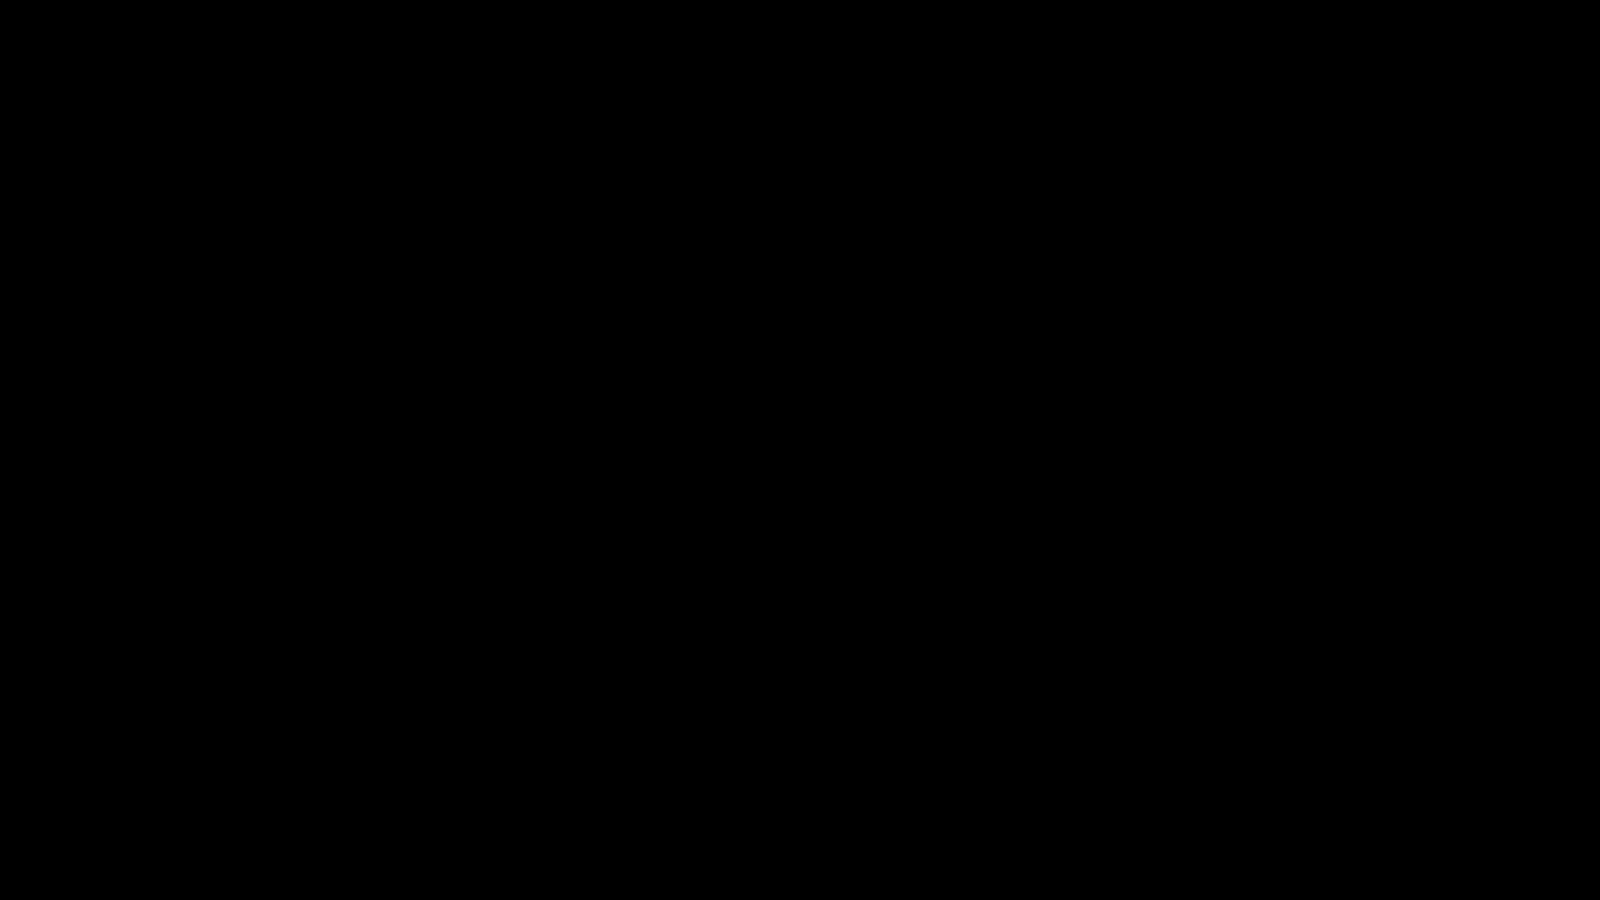 058-llagas